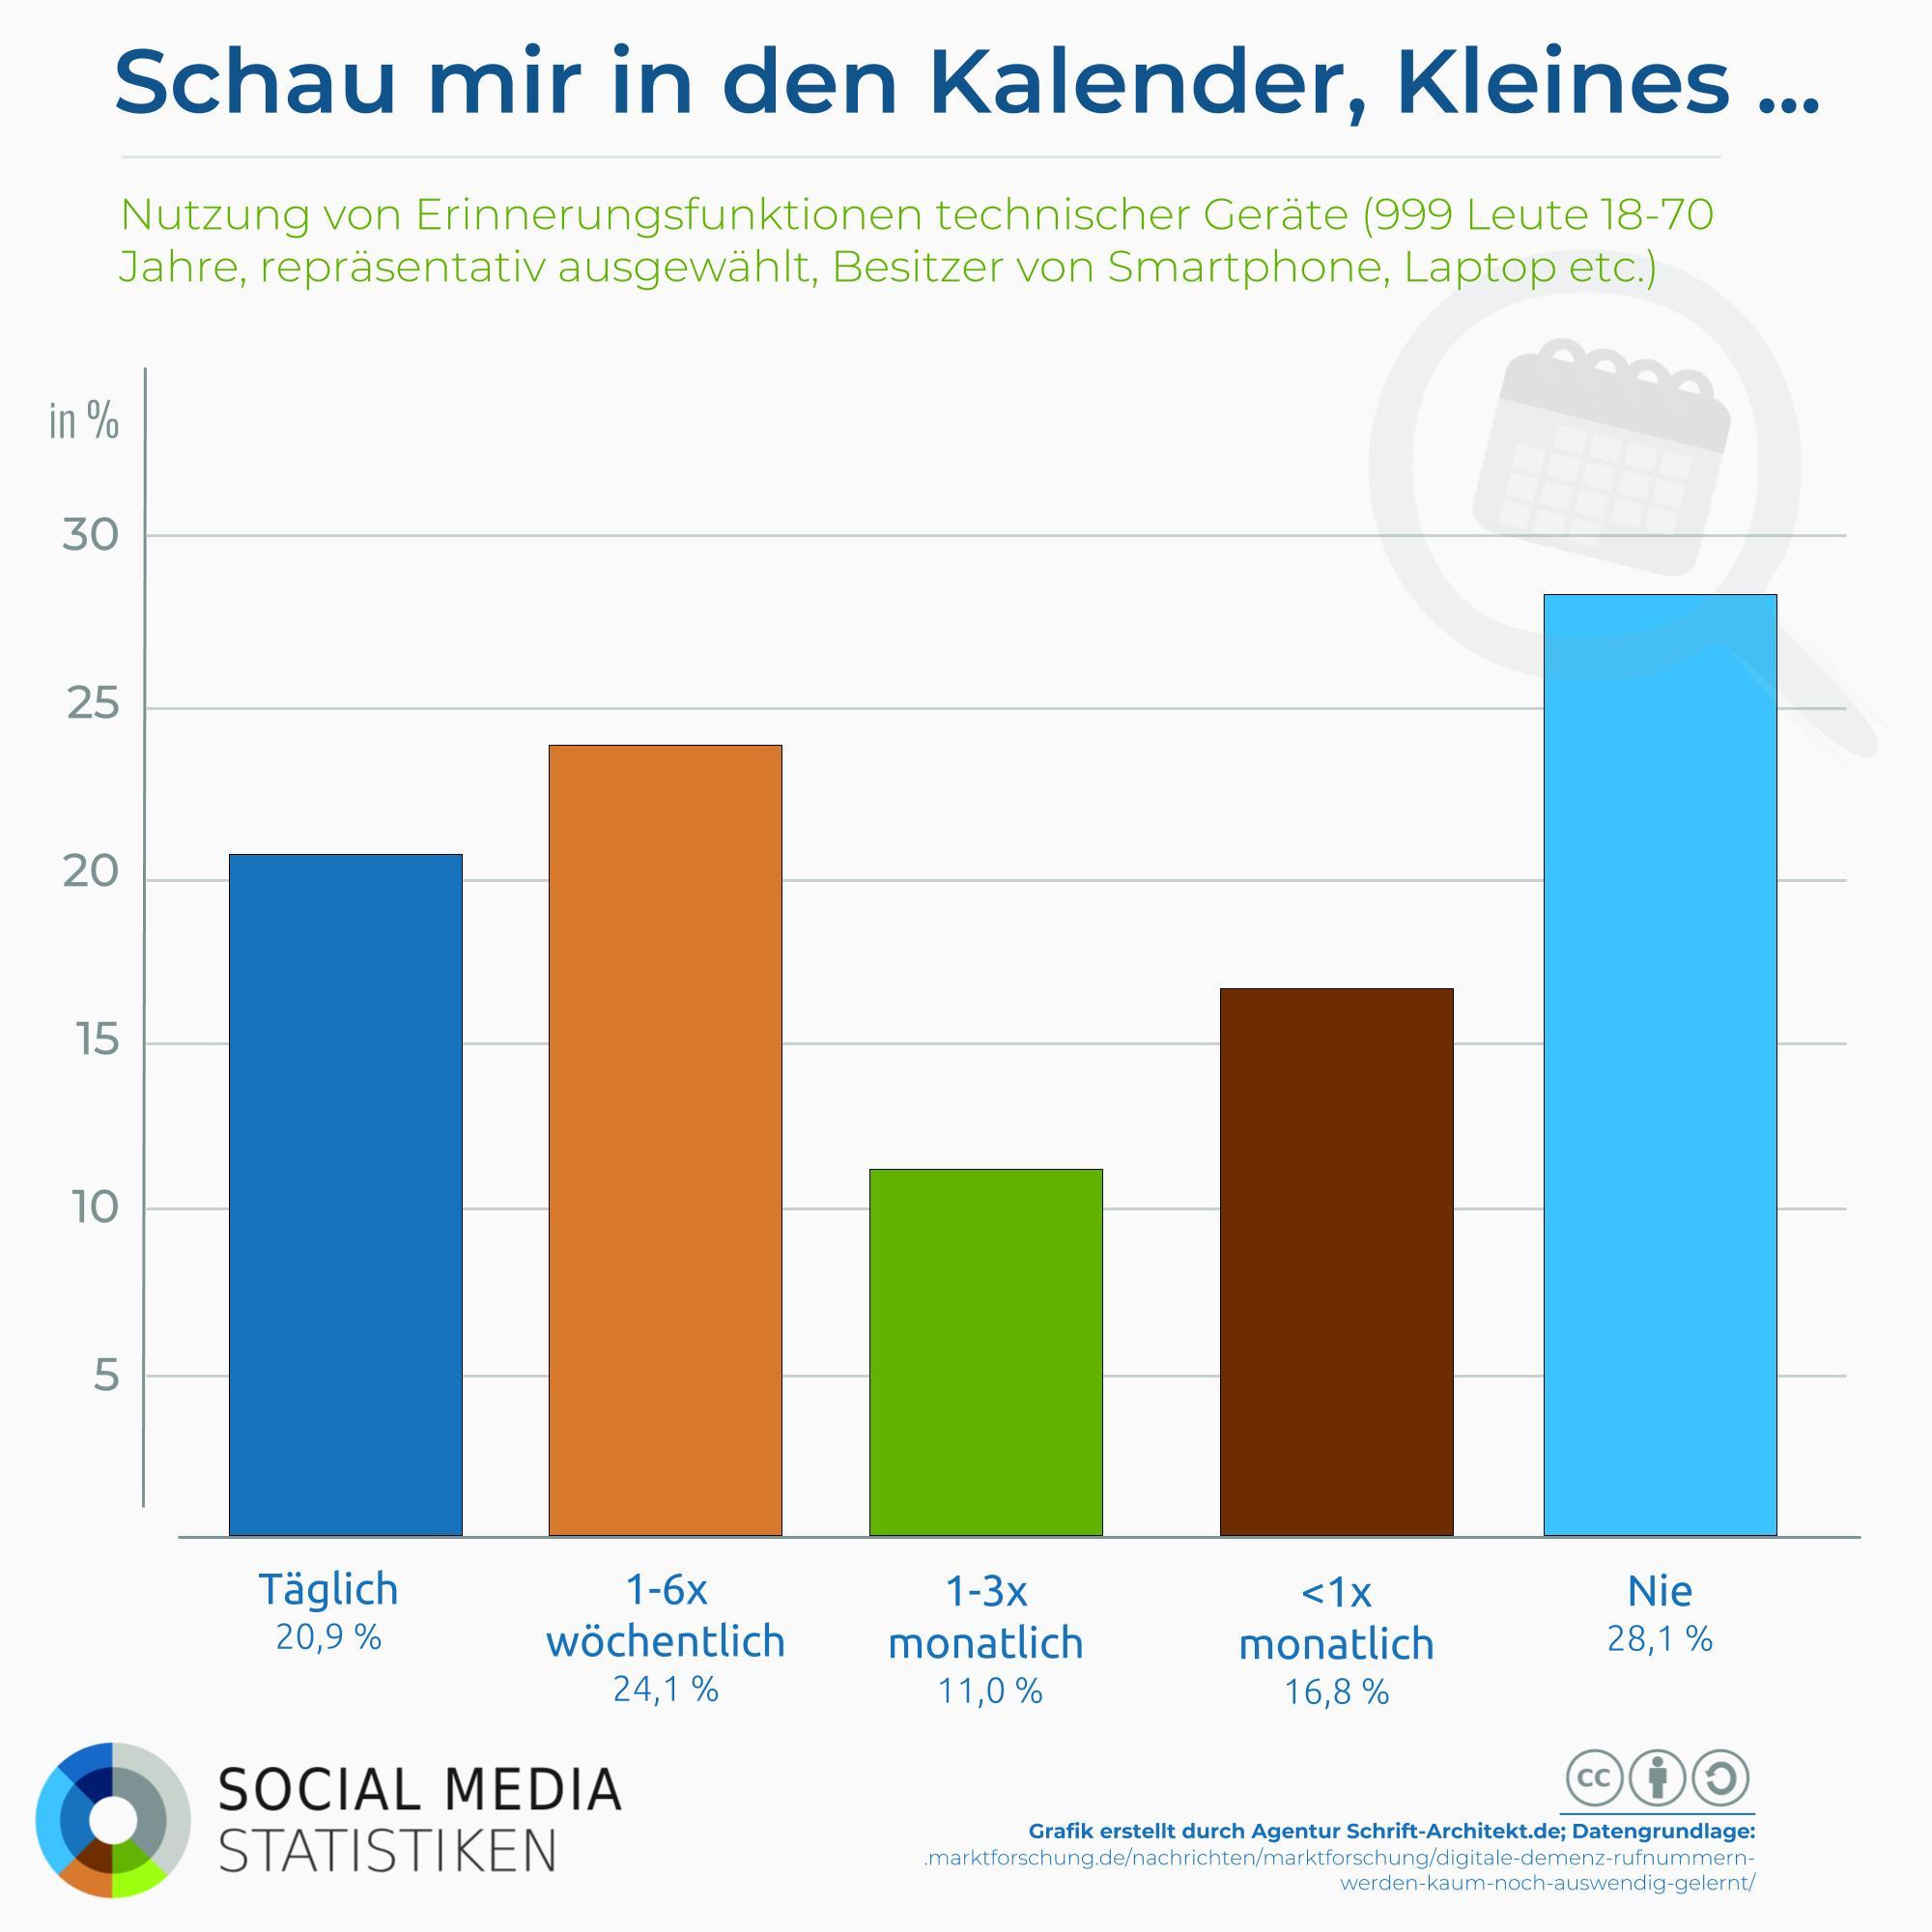 Infografik SocialMediaStatistik.de zum Thema erinnerung smartphone